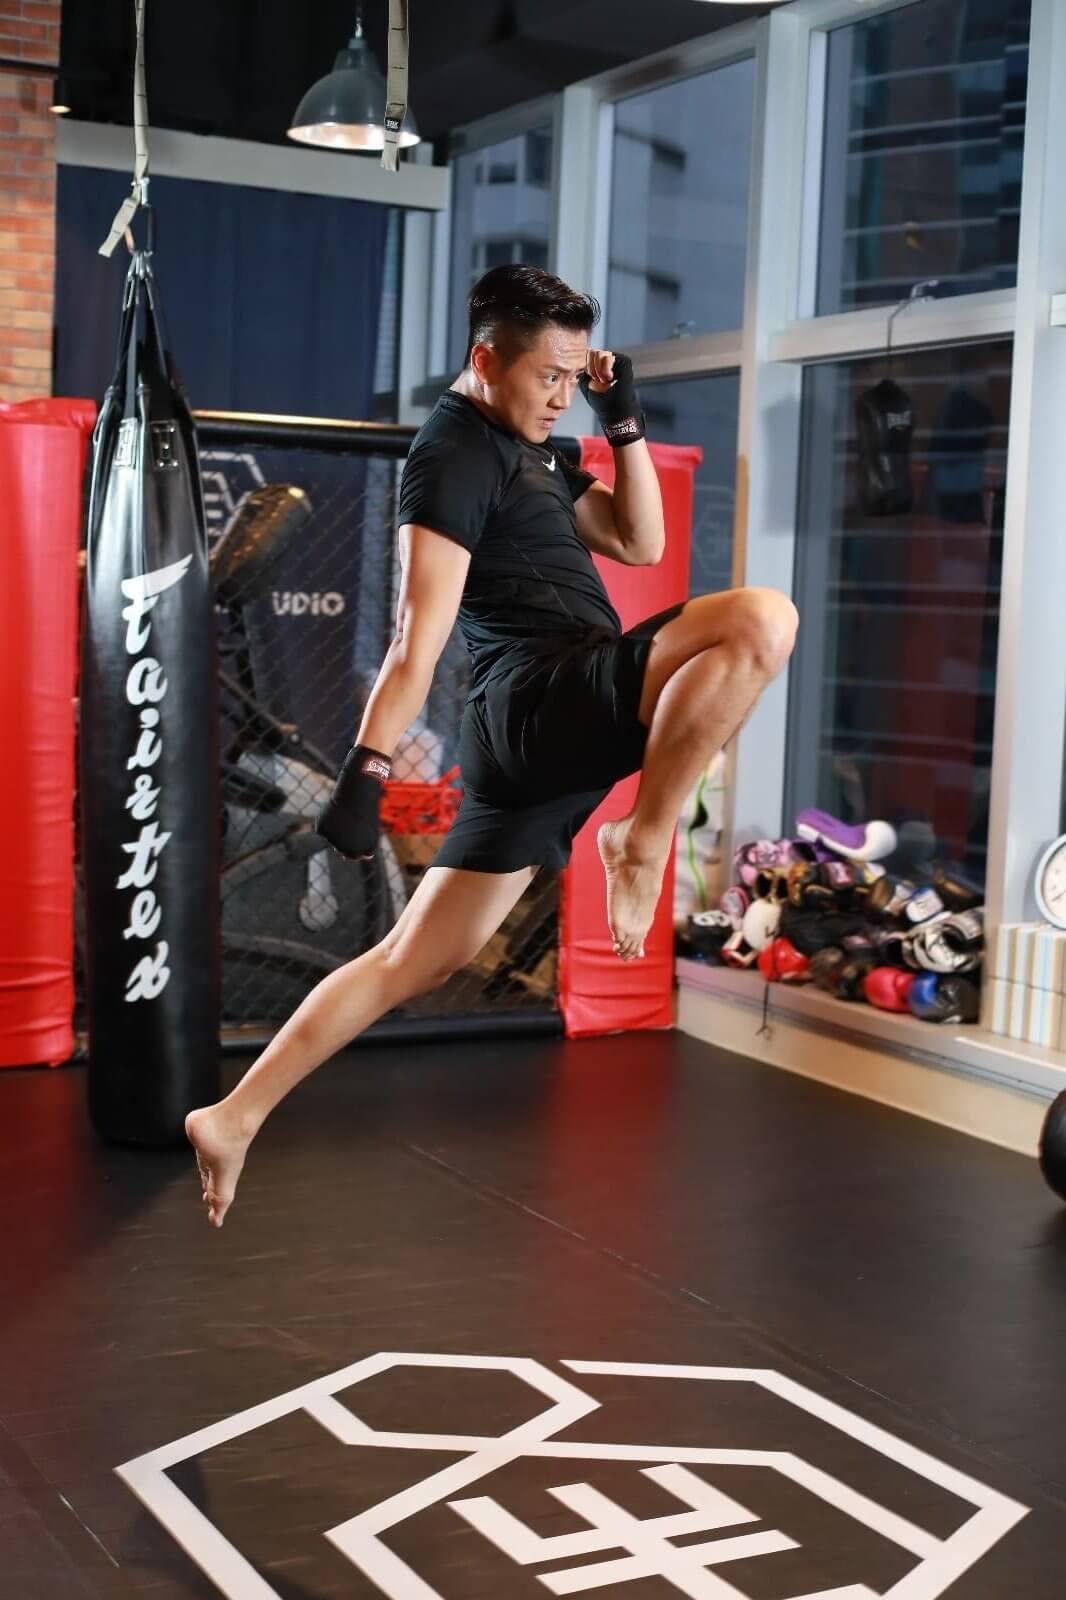 張振朗為了在新劇飾演拳手,早前積極學打拳,愈打愈愛上。